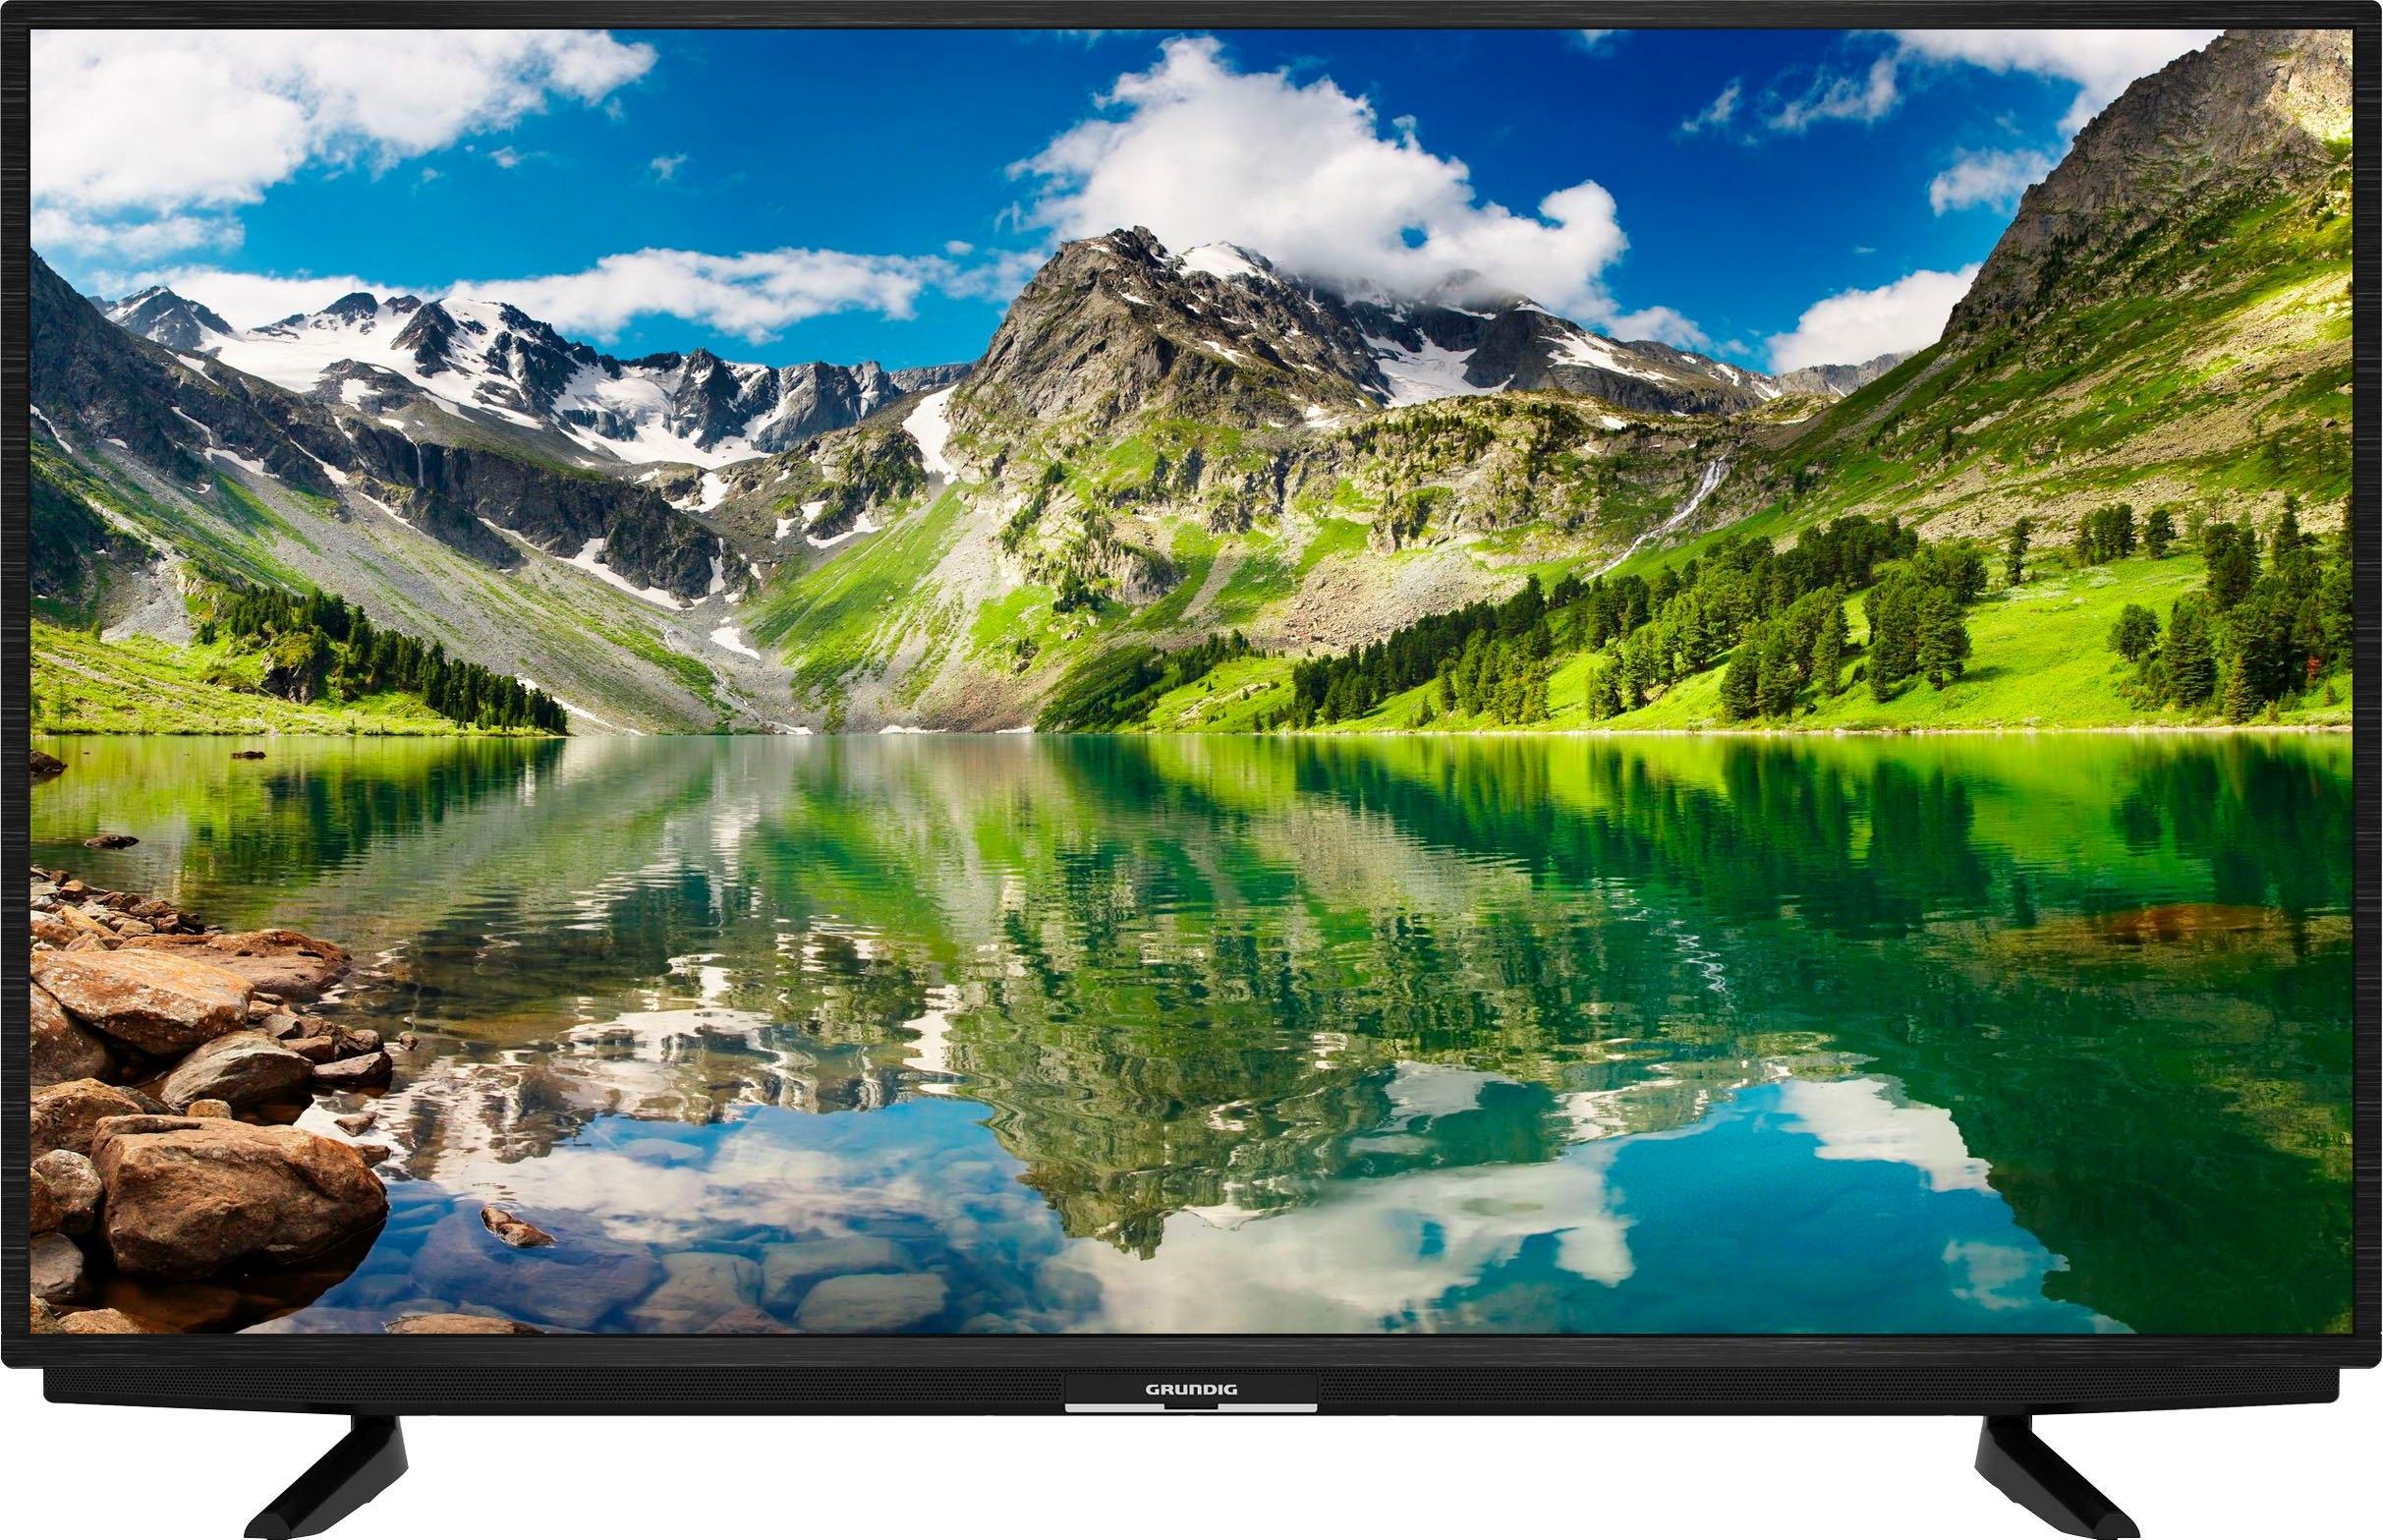 Grundig »65 VOE 71 - Fire TV Edition« LED-TV bestellen: 30 dagen bedenktijd